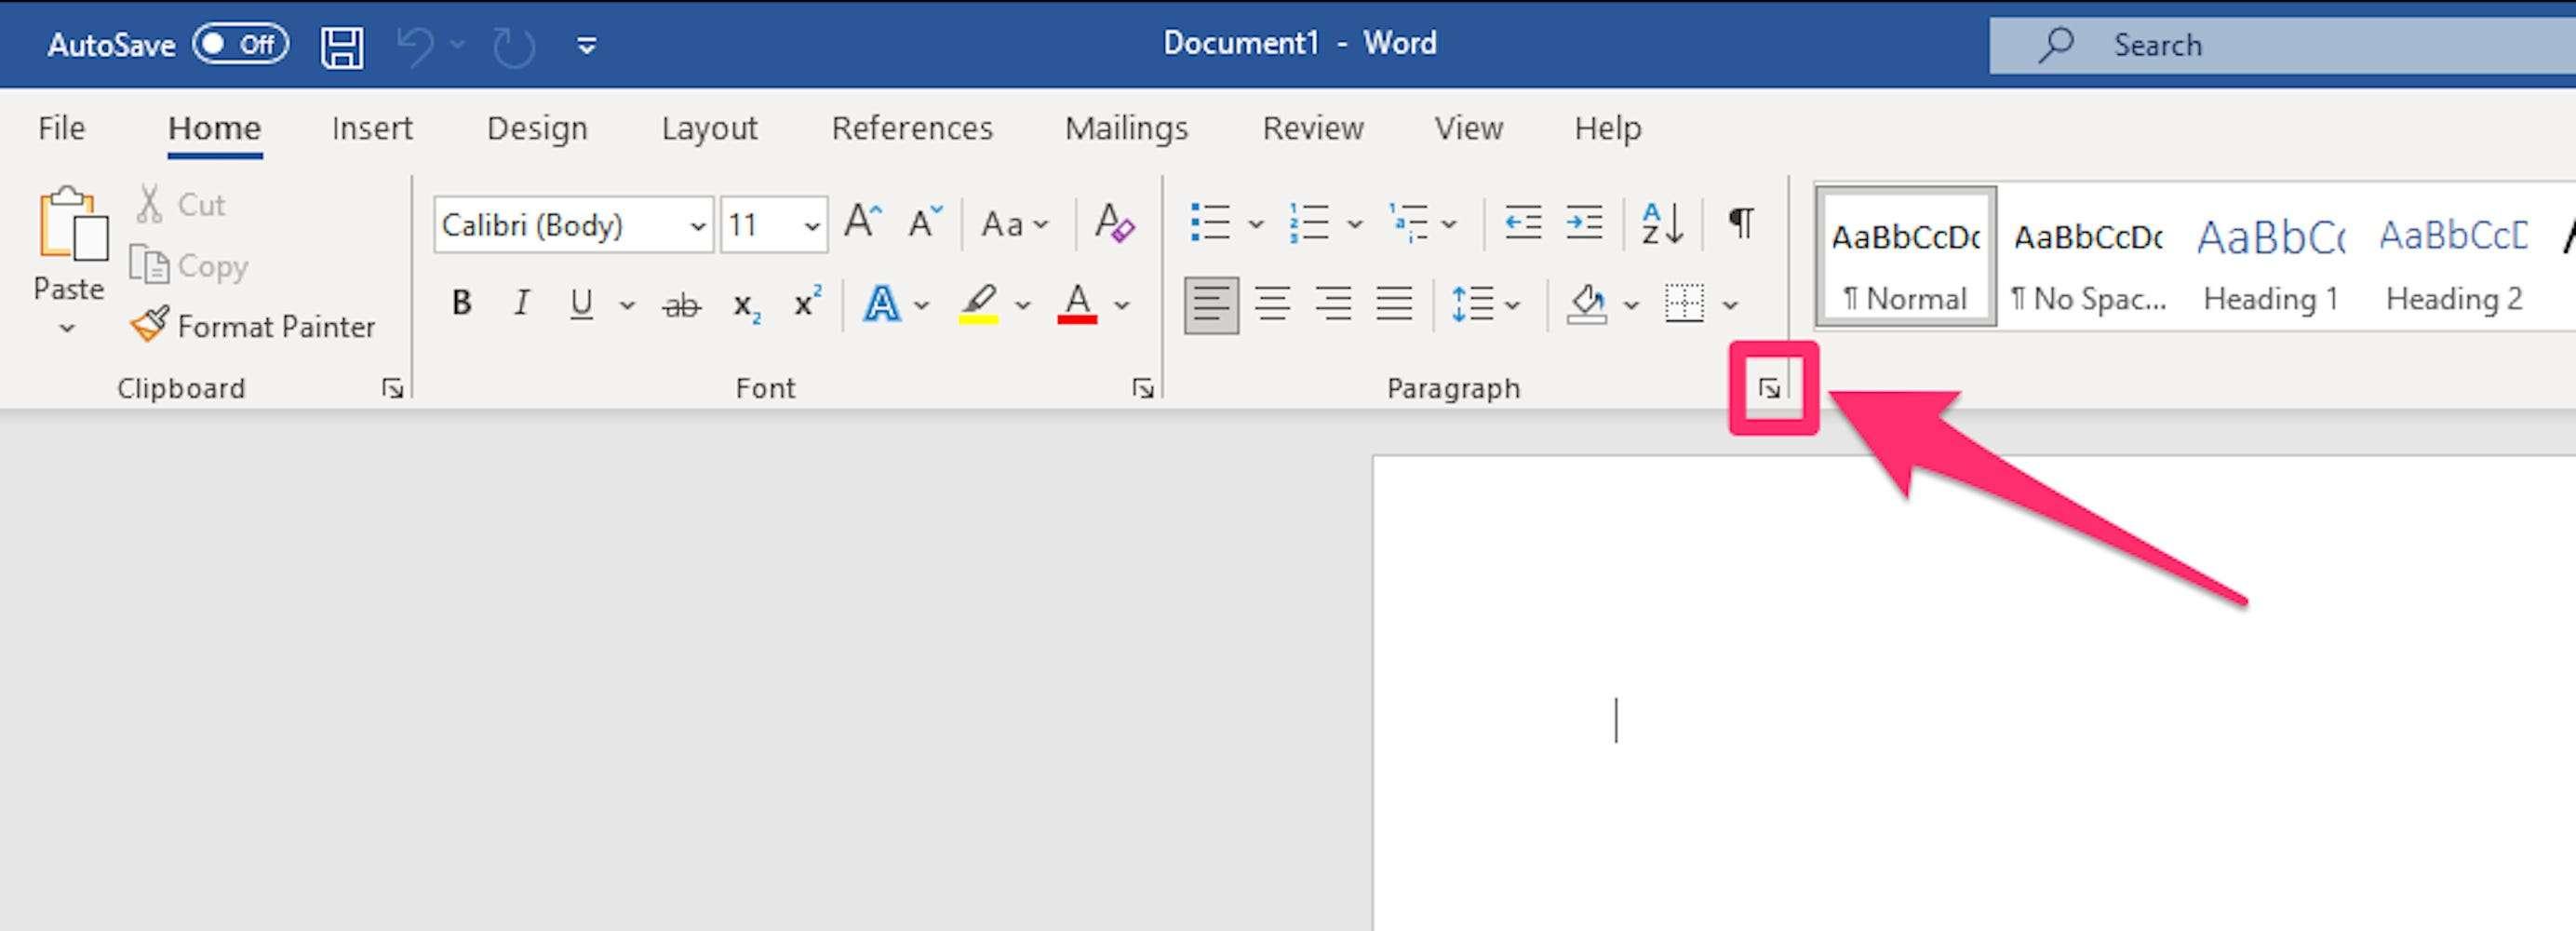 Cara membuat indentasi gantung pada dokumen Microsoft Word untuk halaman bibliografi atau karya yang dikutip